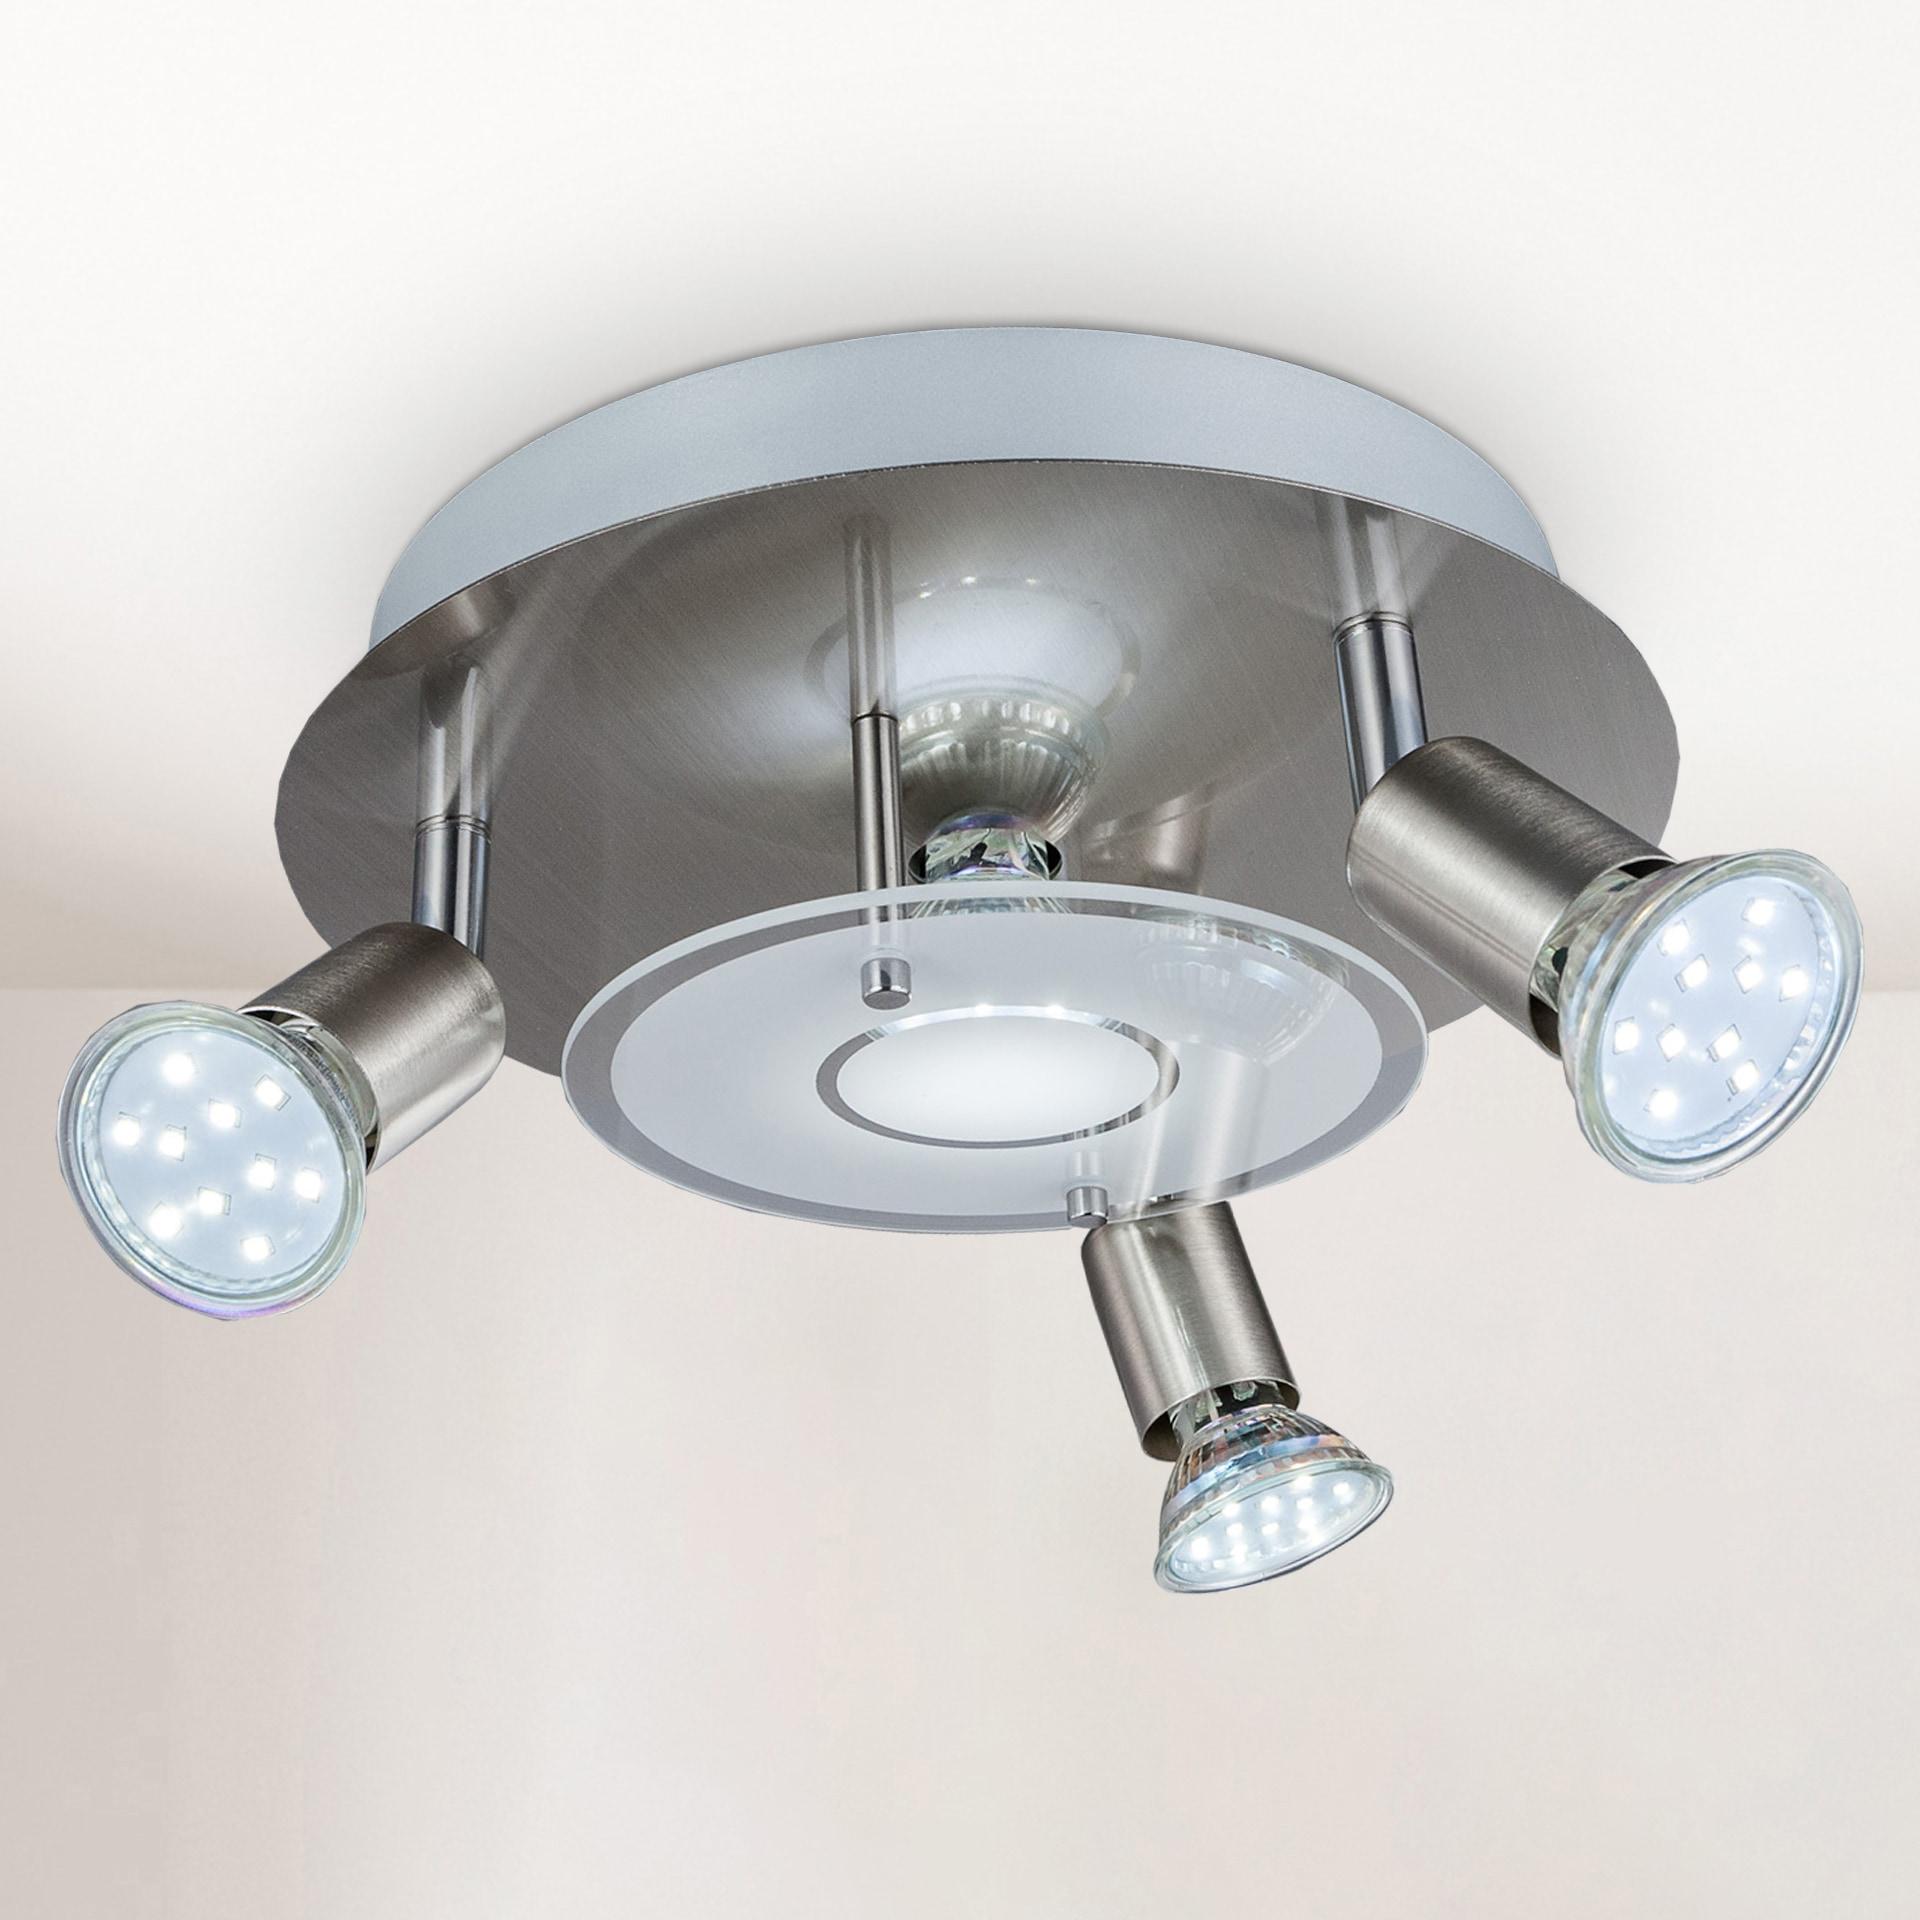 B.K.Licht LED Deckenstrahler, GU10, Warmweiß, LED Deckenleuchte rund Metall Glas Lampe Wohnzimmer Strahler GU10 inkl. 3W 250lm